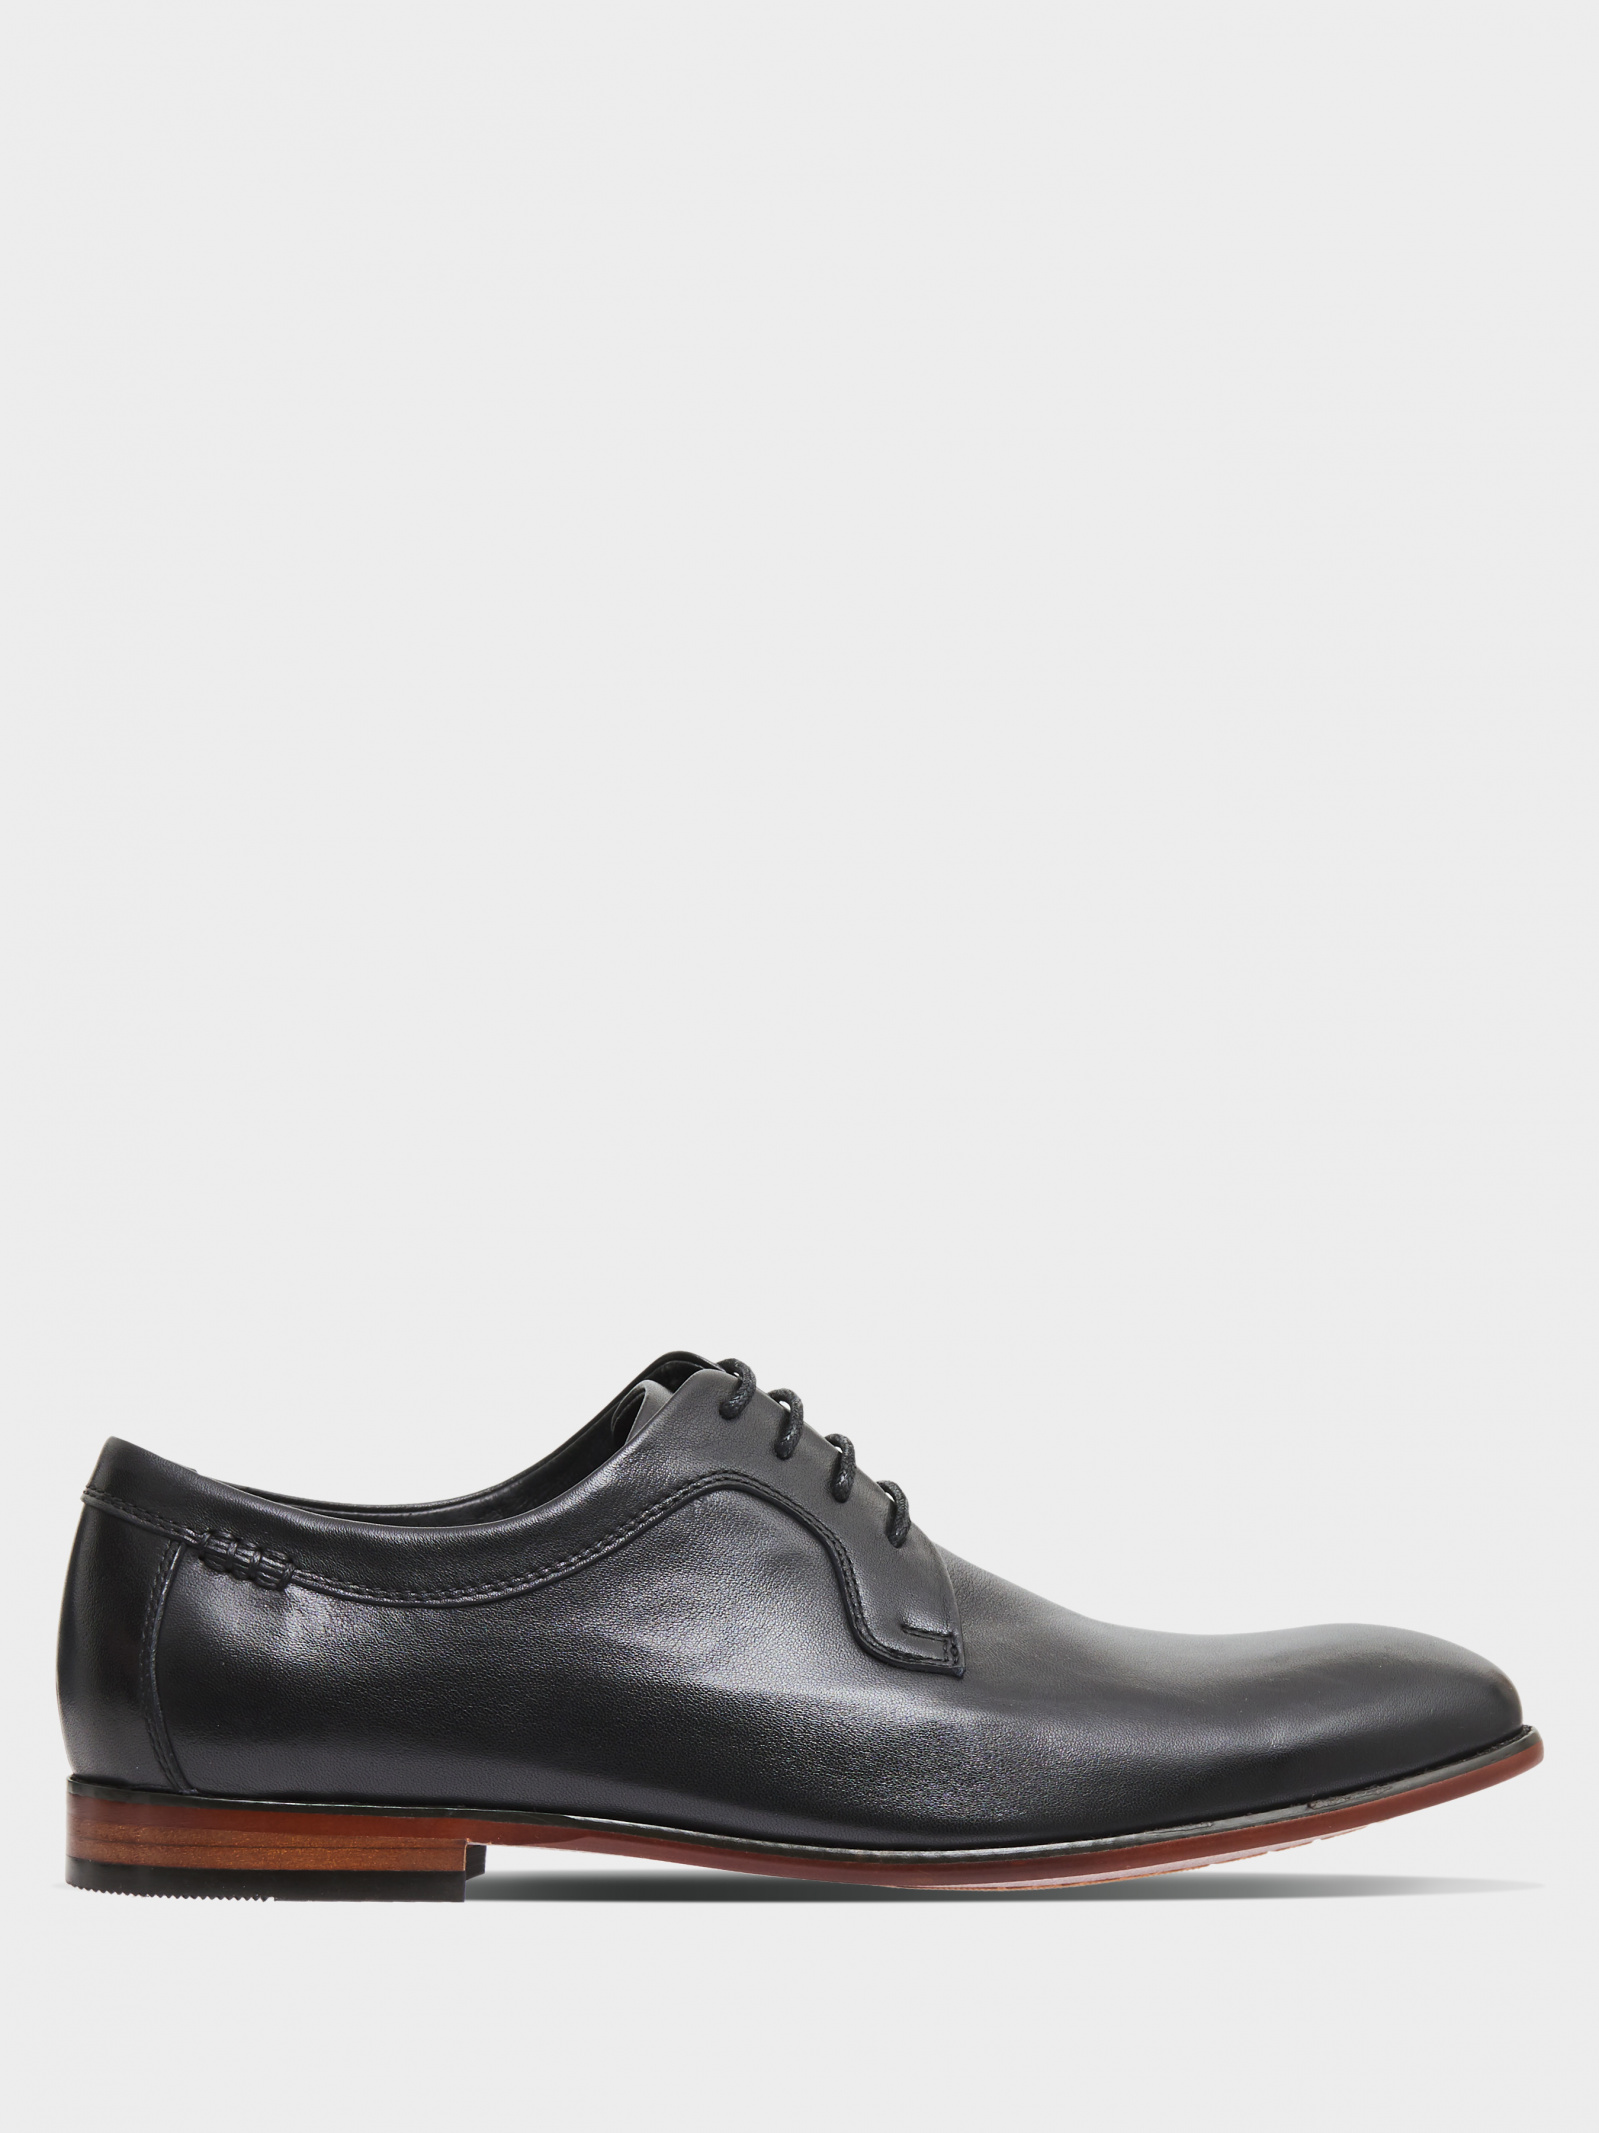 Туфли мужские Braska 224-2590/101 размерная сетка обуви, 2017